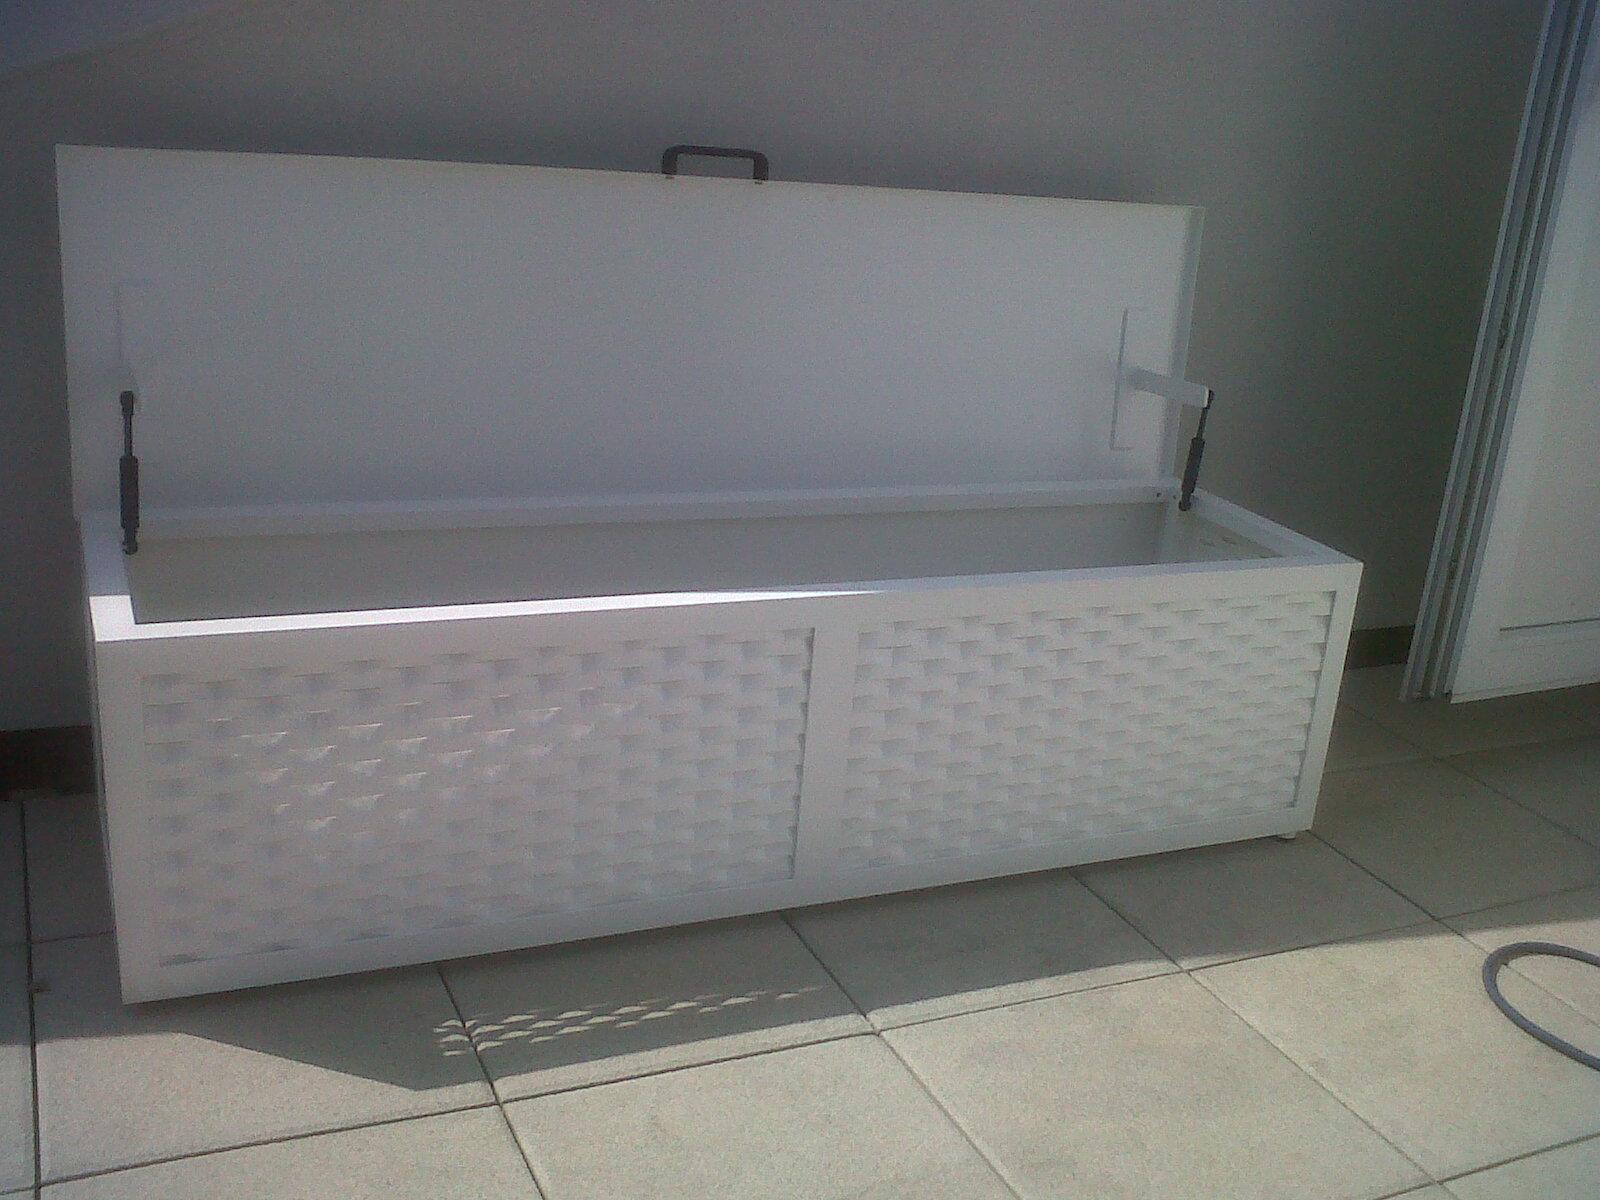 Mobili contenitori per esterno ikea le ultime idee sulla - Ikea sedie da esterno ...